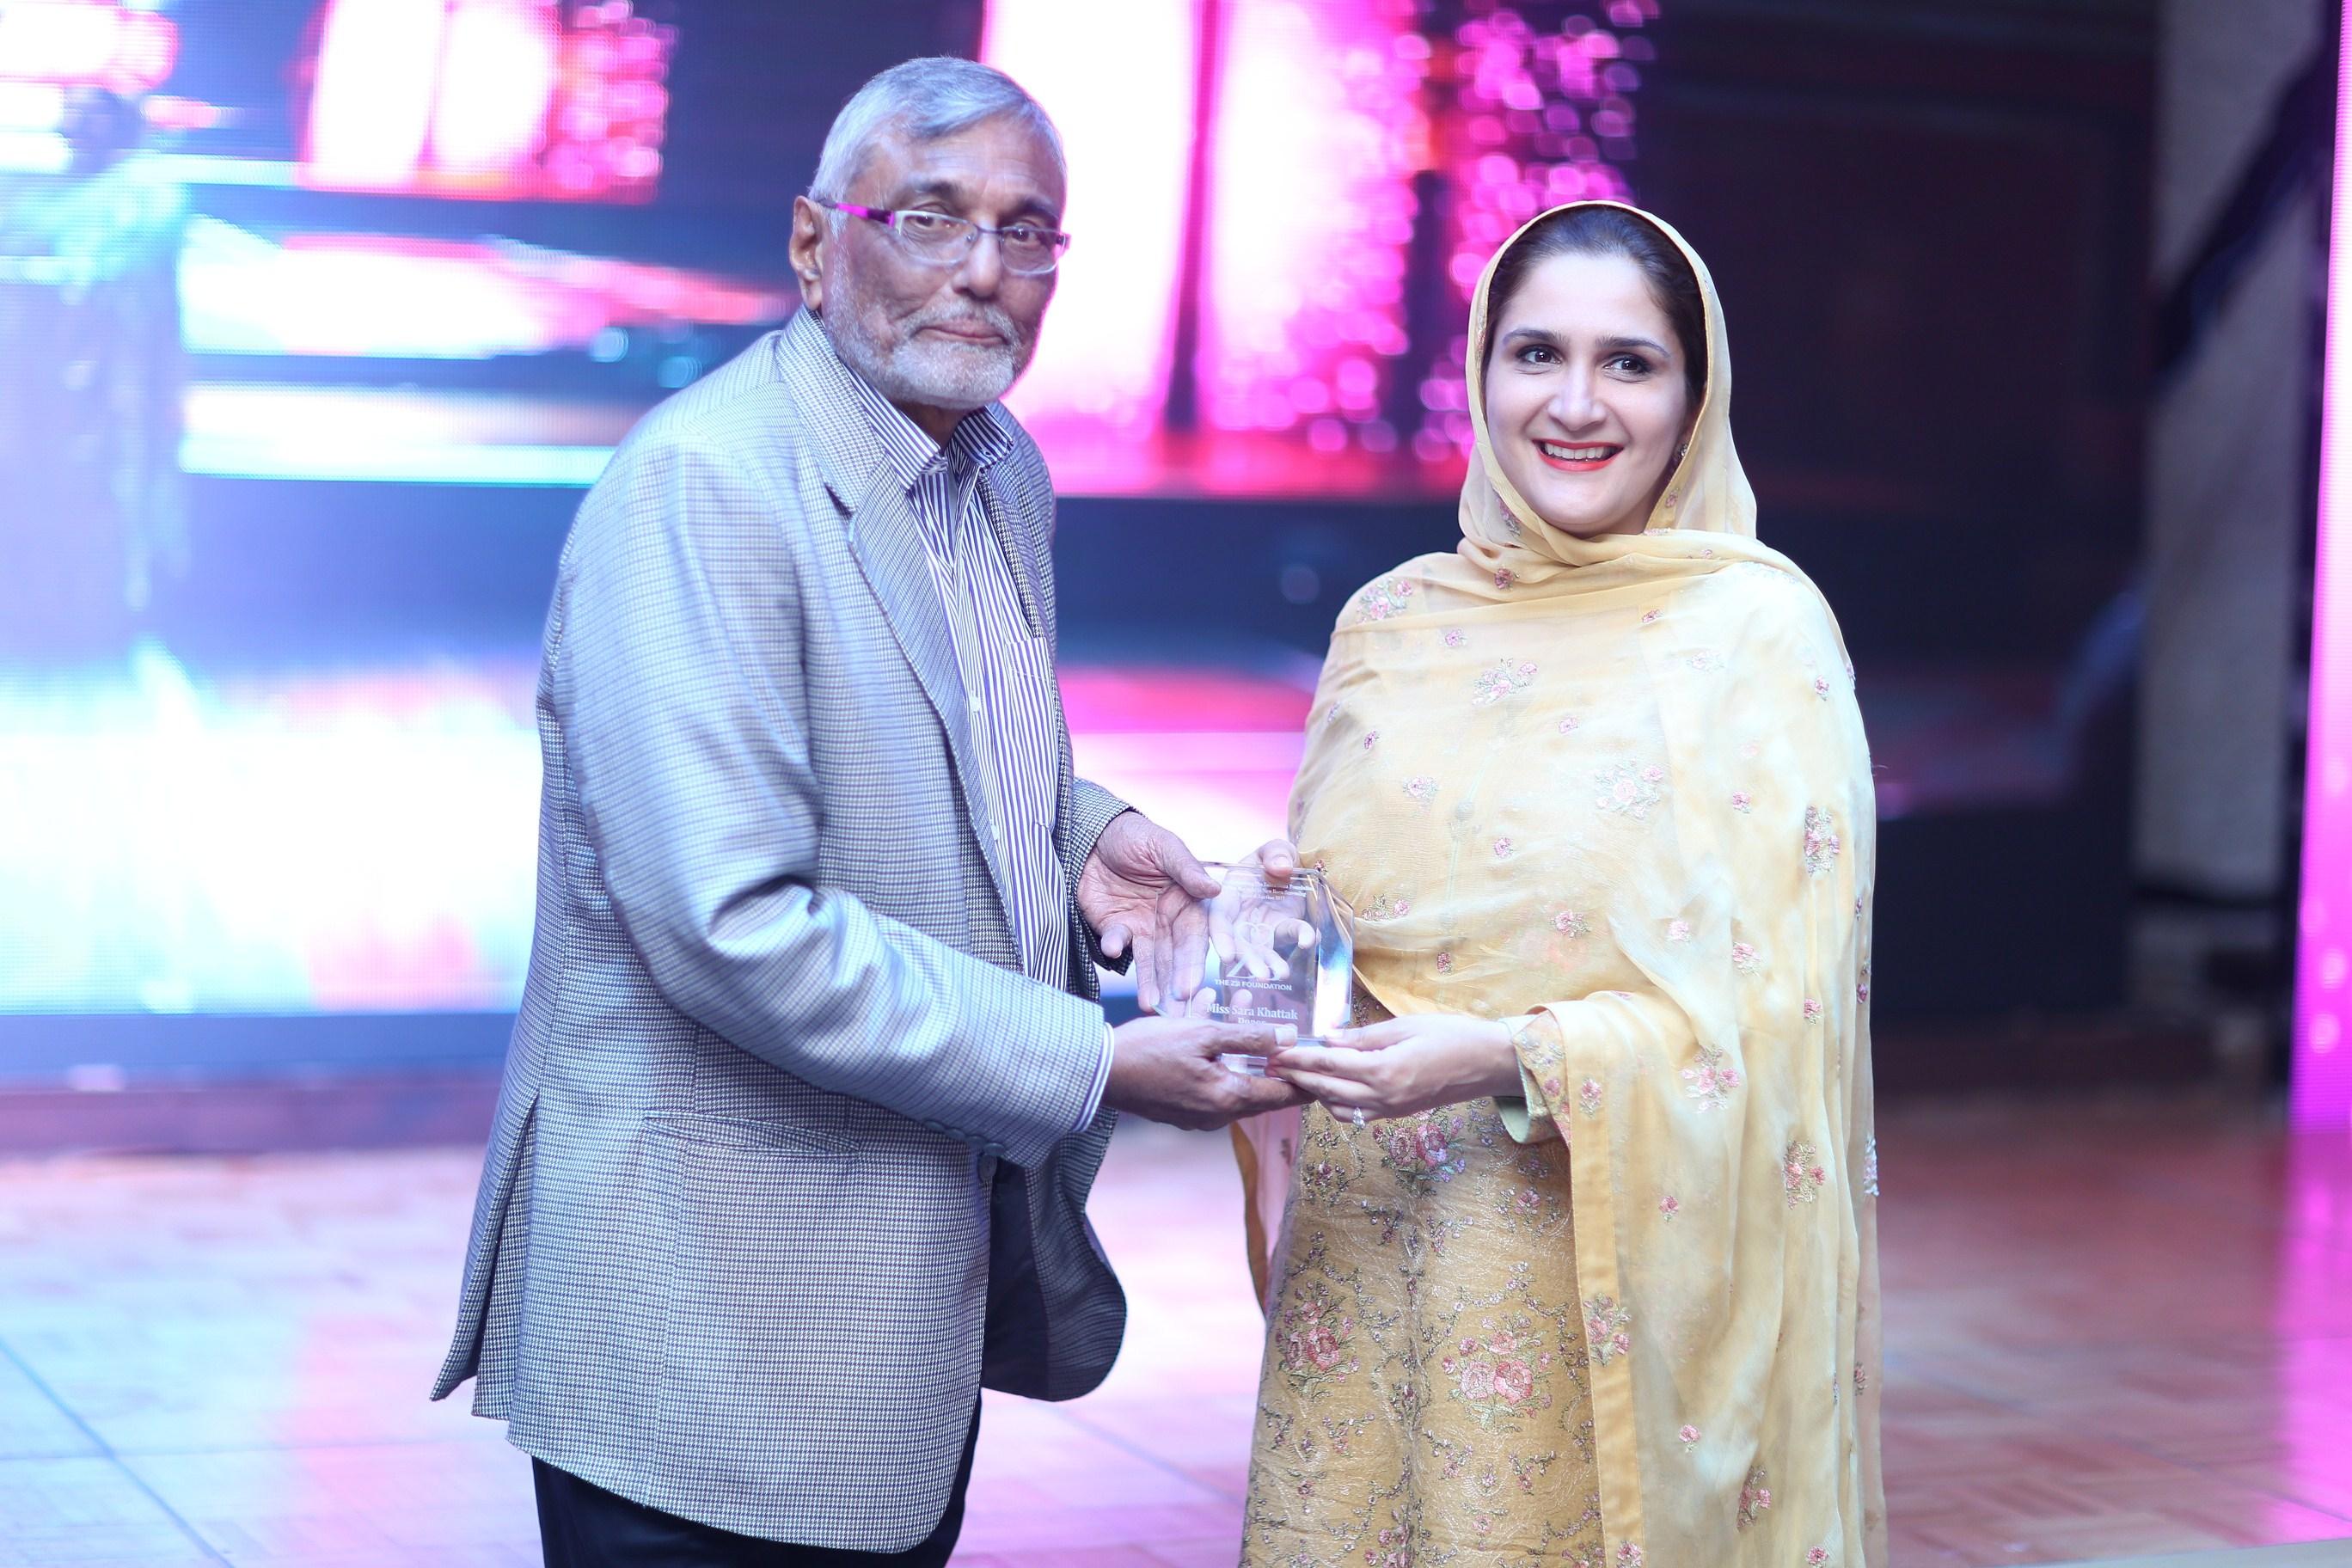 Mr Ali Javed Naqvi and Mrs Sara Khattak